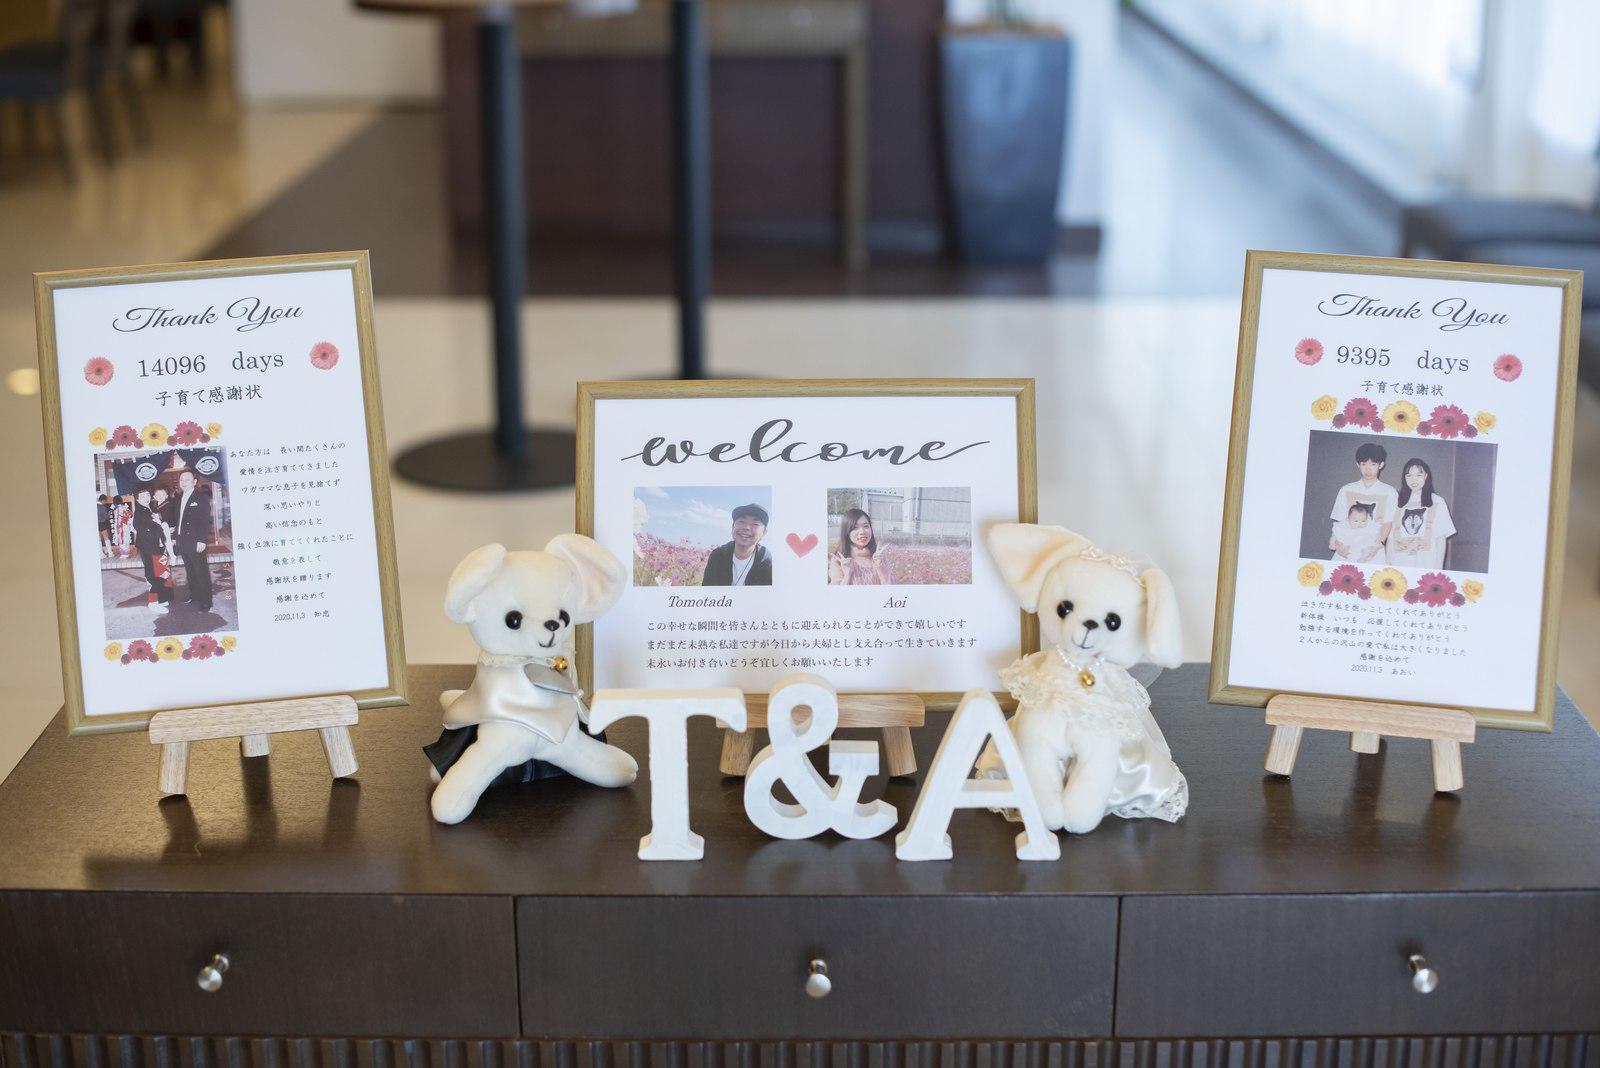 徳島市の結婚式場ブランアンジュで受付に飾ったウェルカムボードとウェルカムグッズ